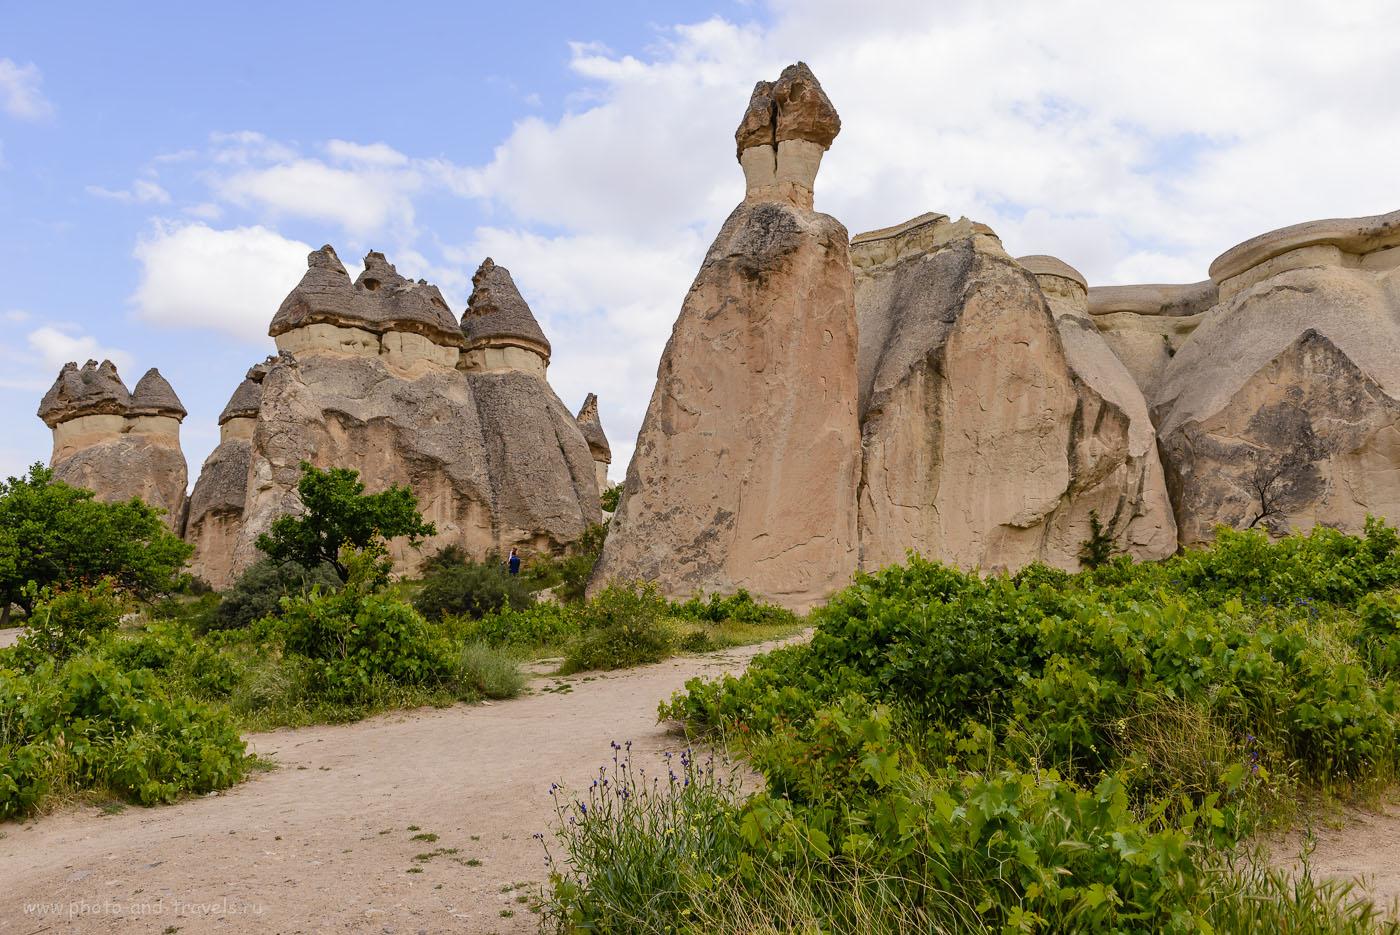 Фото 6. Красоты долины Paşabağ. Отзывы туристов об отдыхе в Турции самостоятельно. Фотоаппарат Nikon D610, объектив Nikon 24-70mm f/2.8. Параметры съемки: 1/500, -0.33, 8.0, 160, 26 мм.